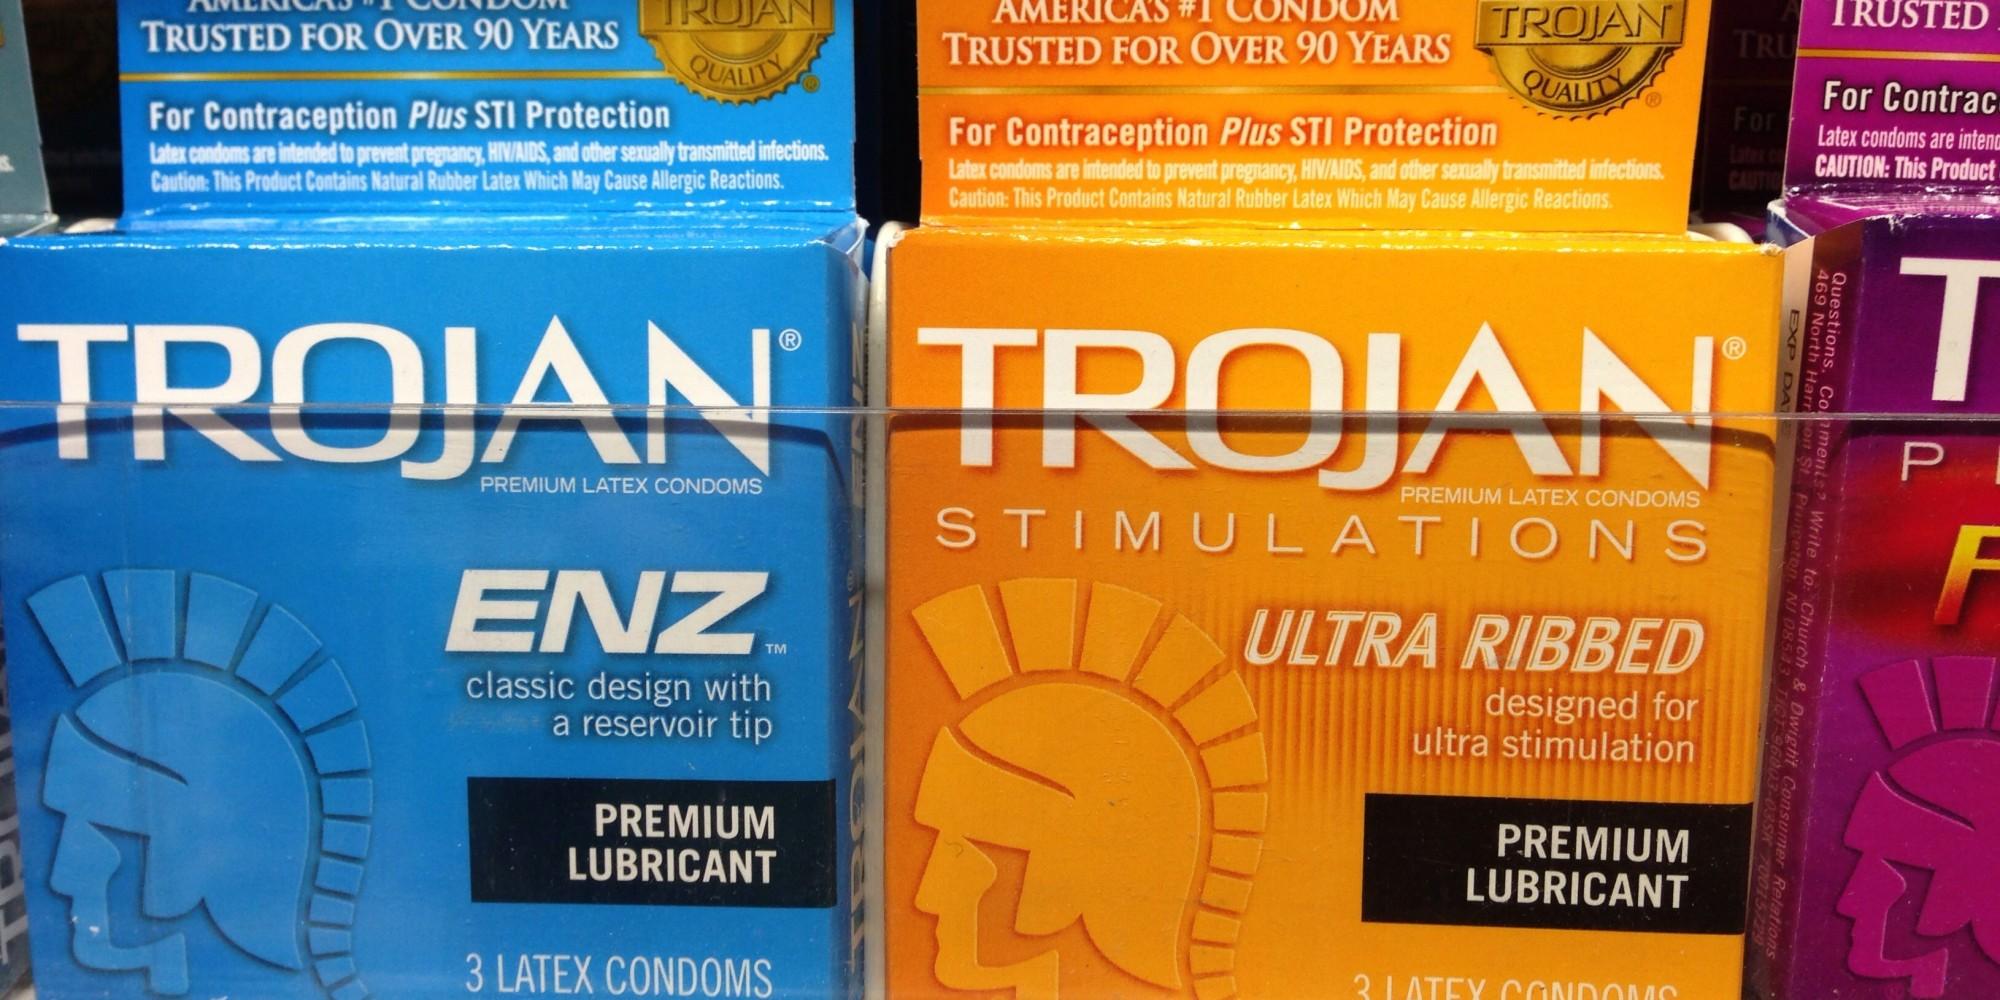 trojan condom add